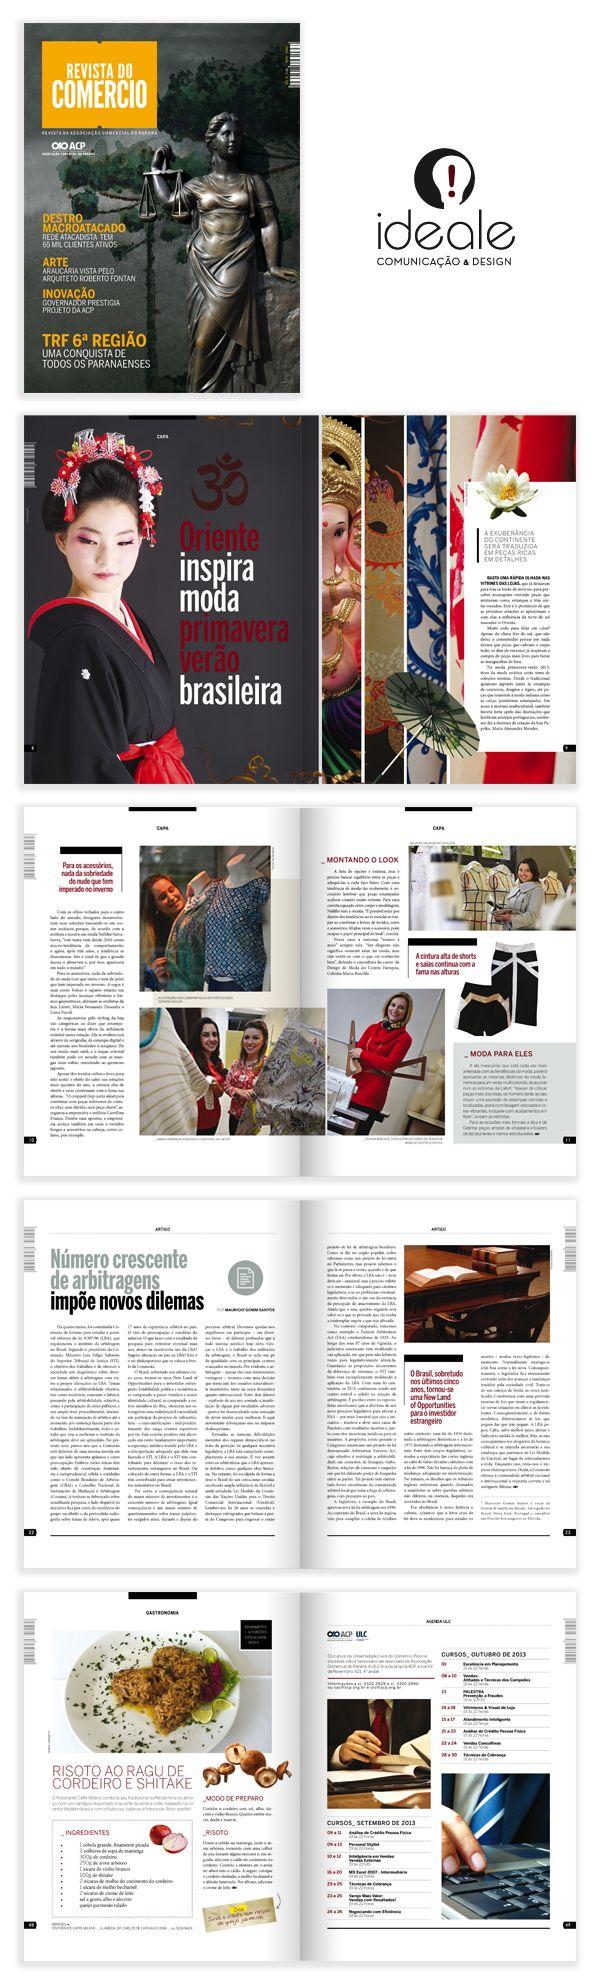 Revista do Comércio: publicação da Associação Comercial do Paraná (ACP).